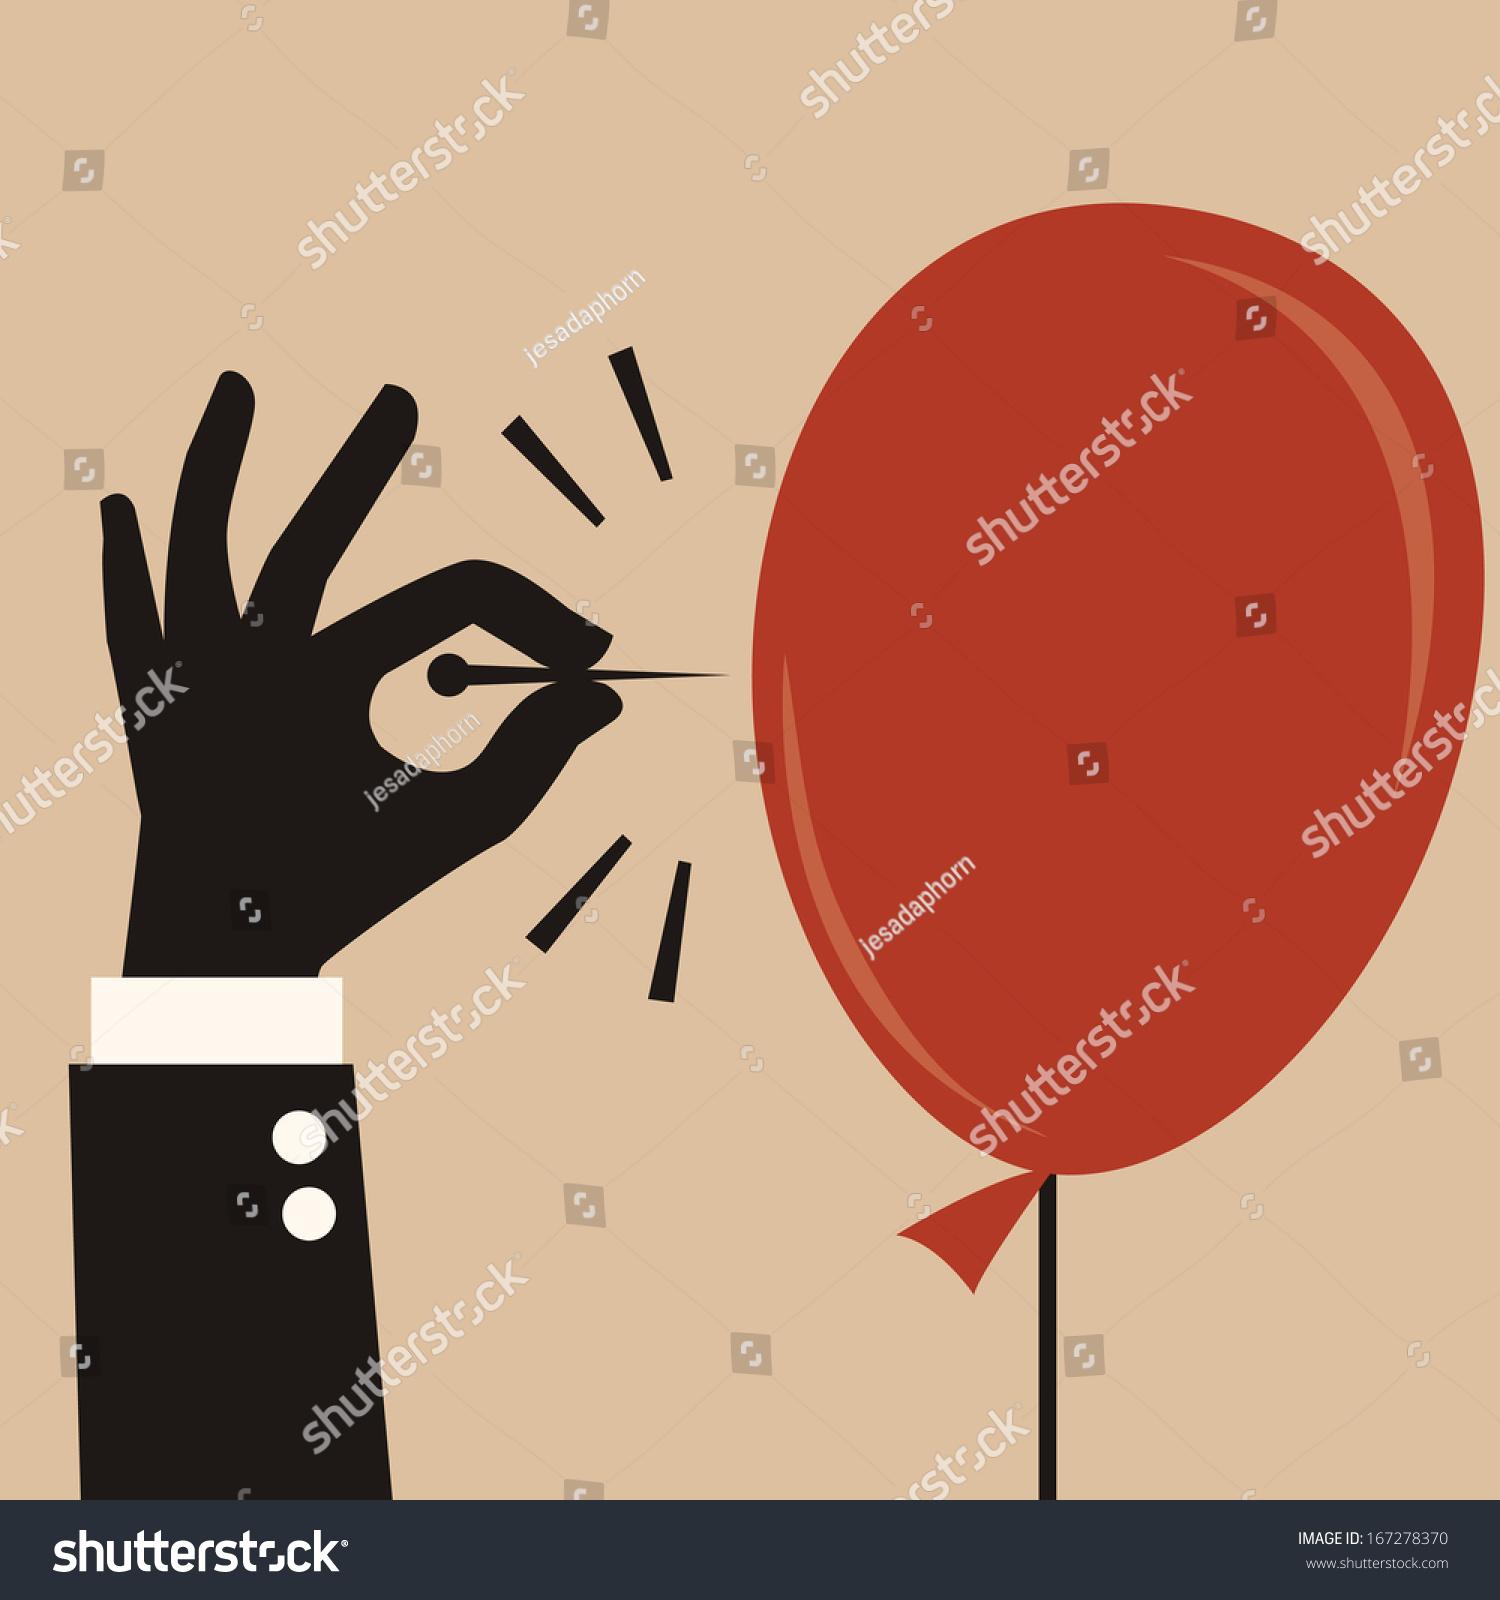 商人的手把锋利的针戳破气球.抽象业务概念风险或危险图片